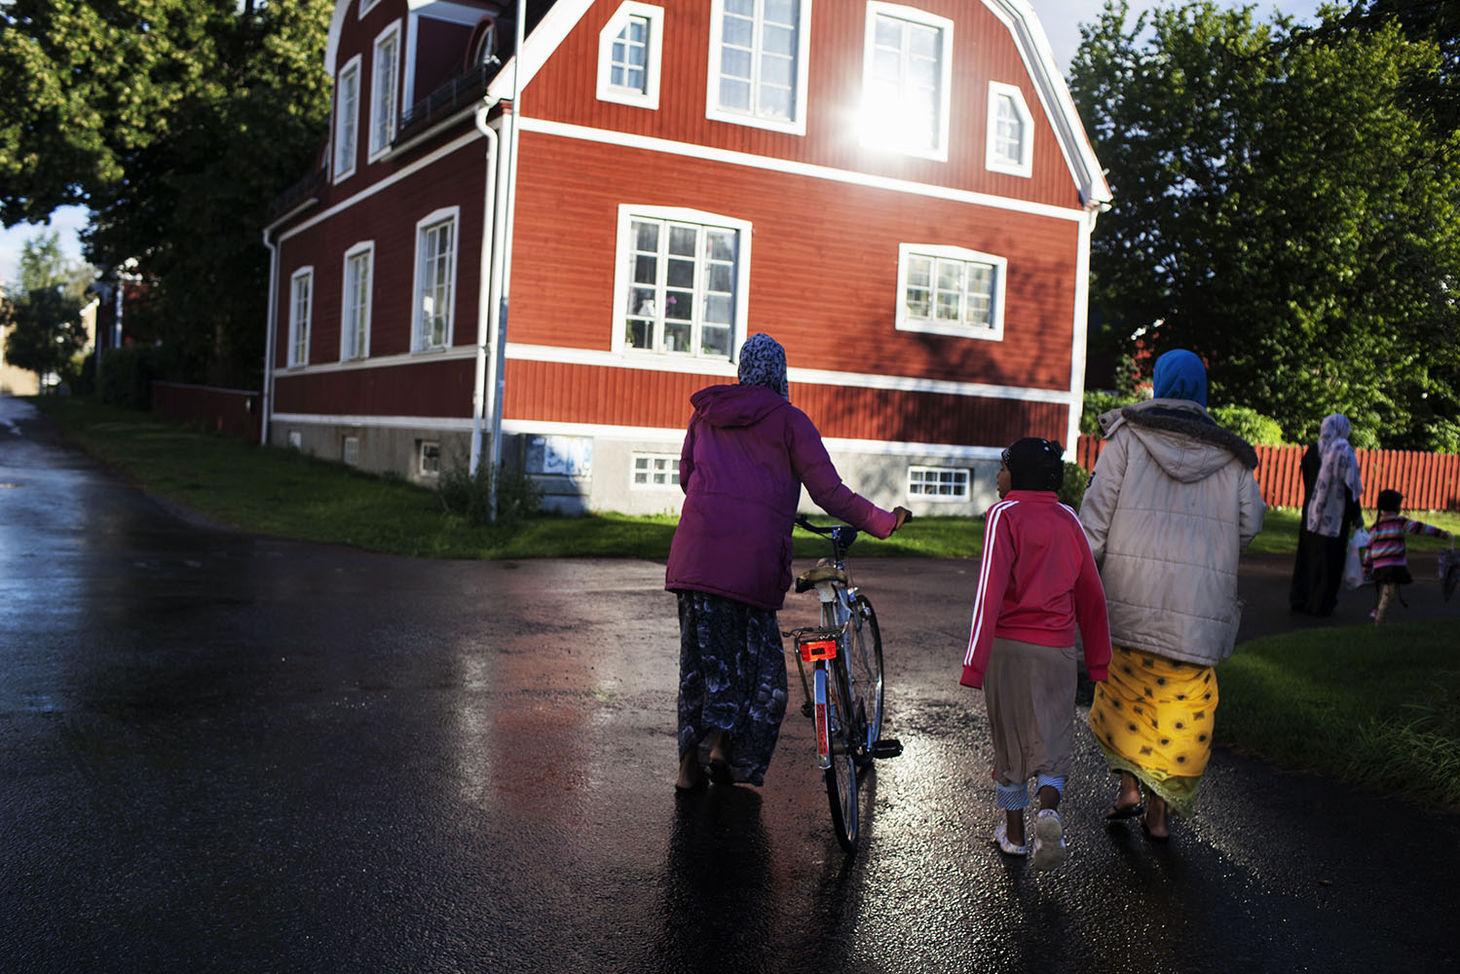 Une famille originaire de Somalie ayant trouvé refuge en Suède avant la récente crise des réfugiés - Crédit Loulou d'Aki